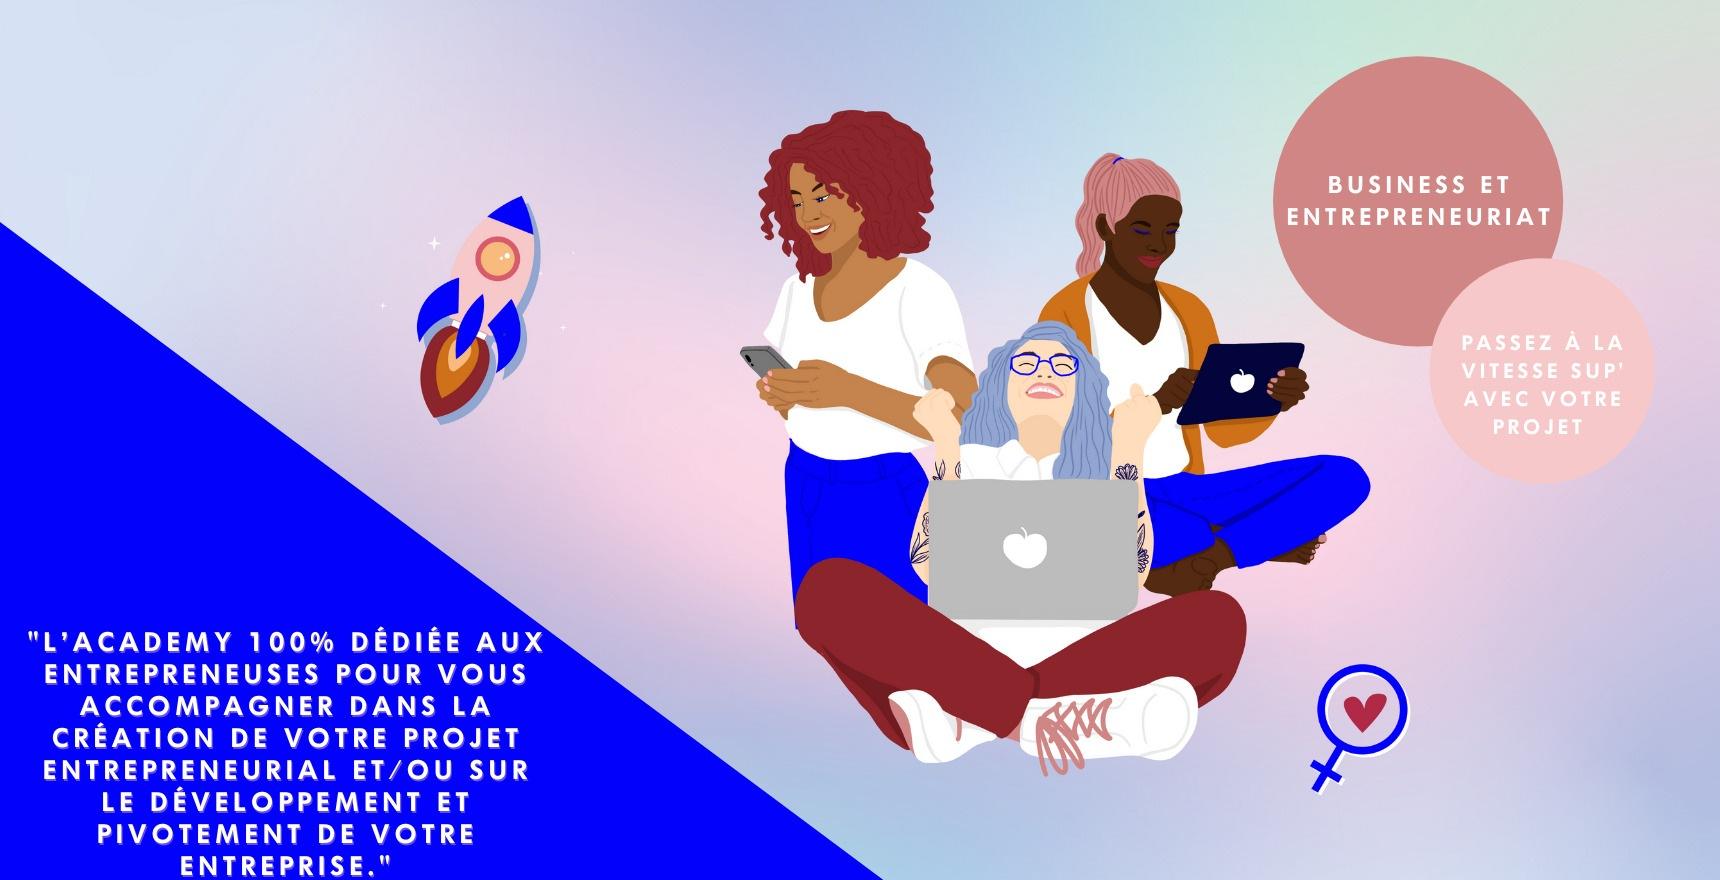 Formation entrepreneuriat - Passer à la vitesse supérieure avec la Girlboost Academy